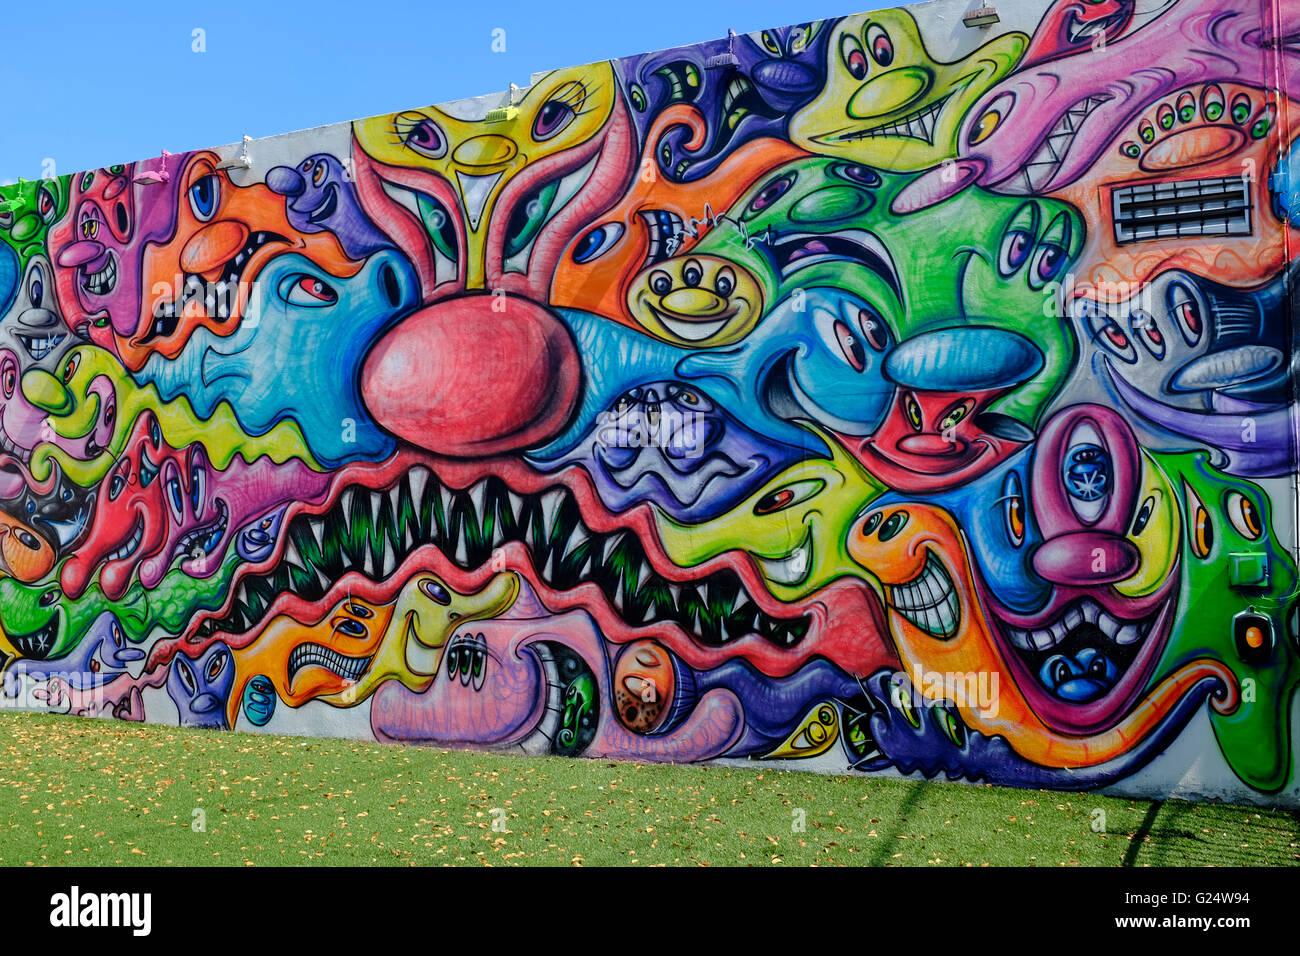 Wynwood Art District, Miami, Florida, USA Stock Photo: 104599184 - Alamy